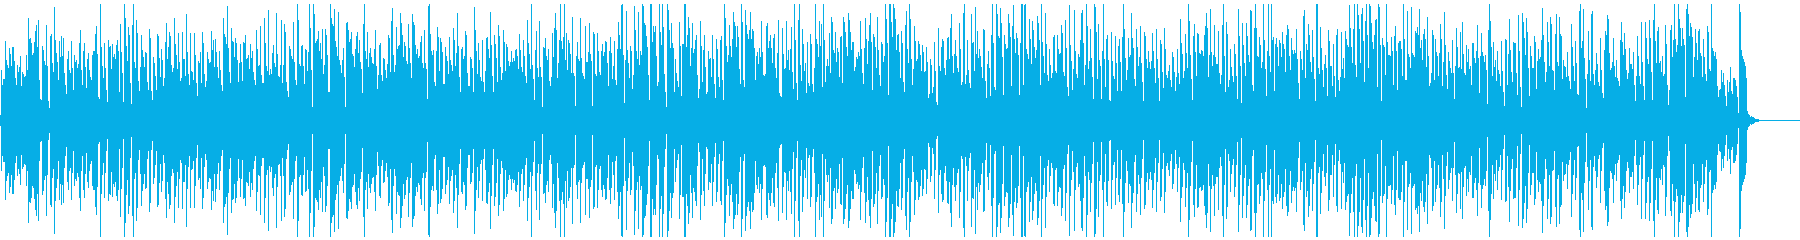 楽しいウキウキ系の軽快なレトロジャズの再生済みの波形